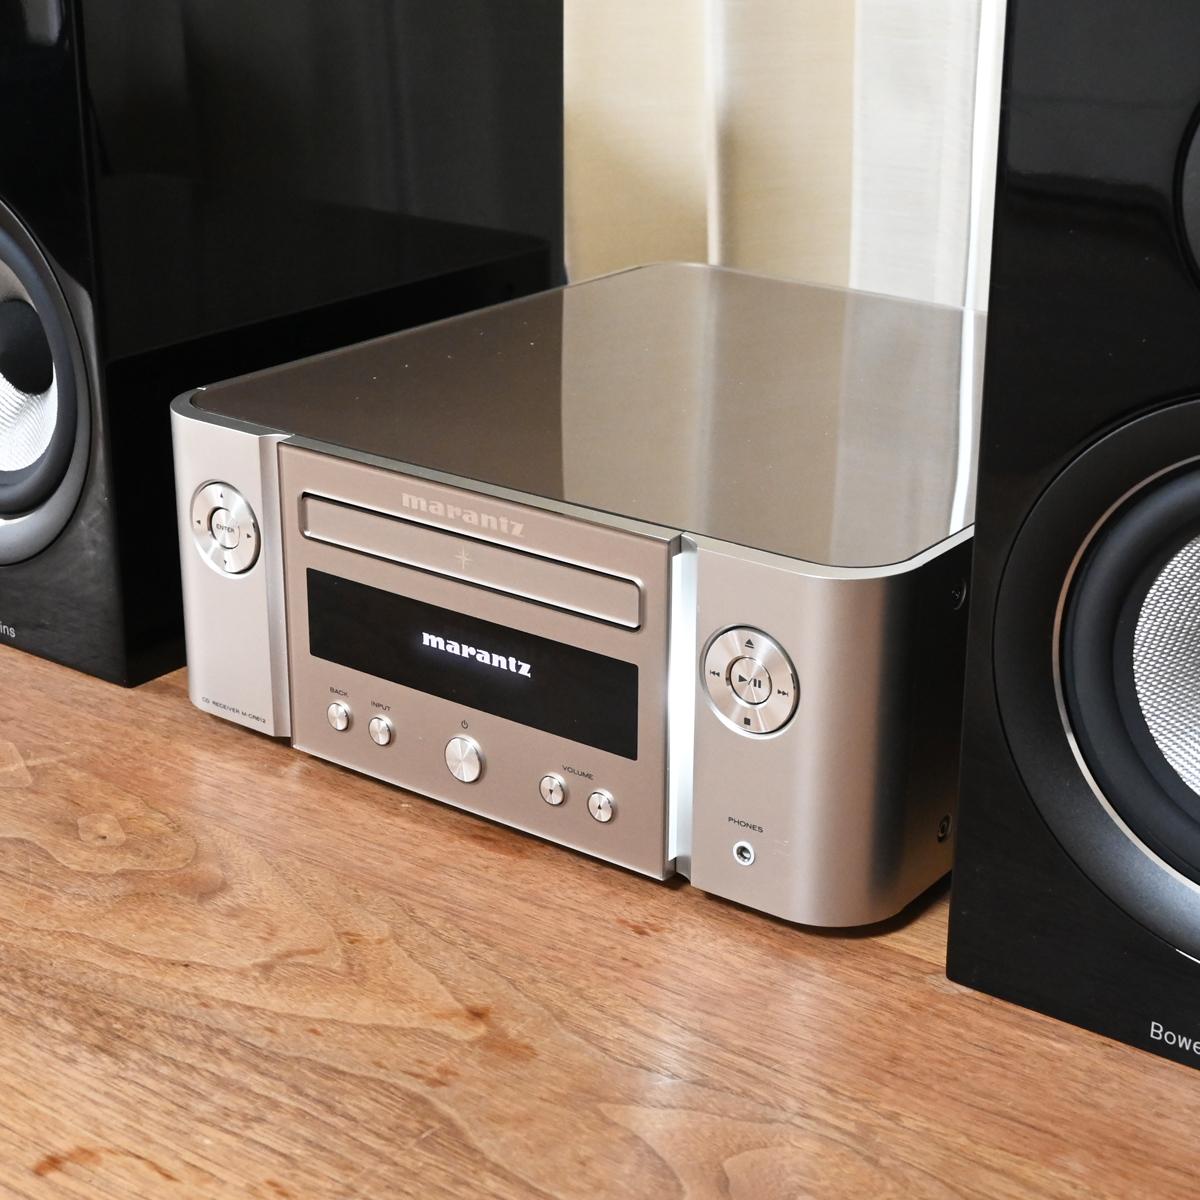 多機能だけじゃない!音質へのこだわりがすごいマランツのミニコンポ「M-CR612」